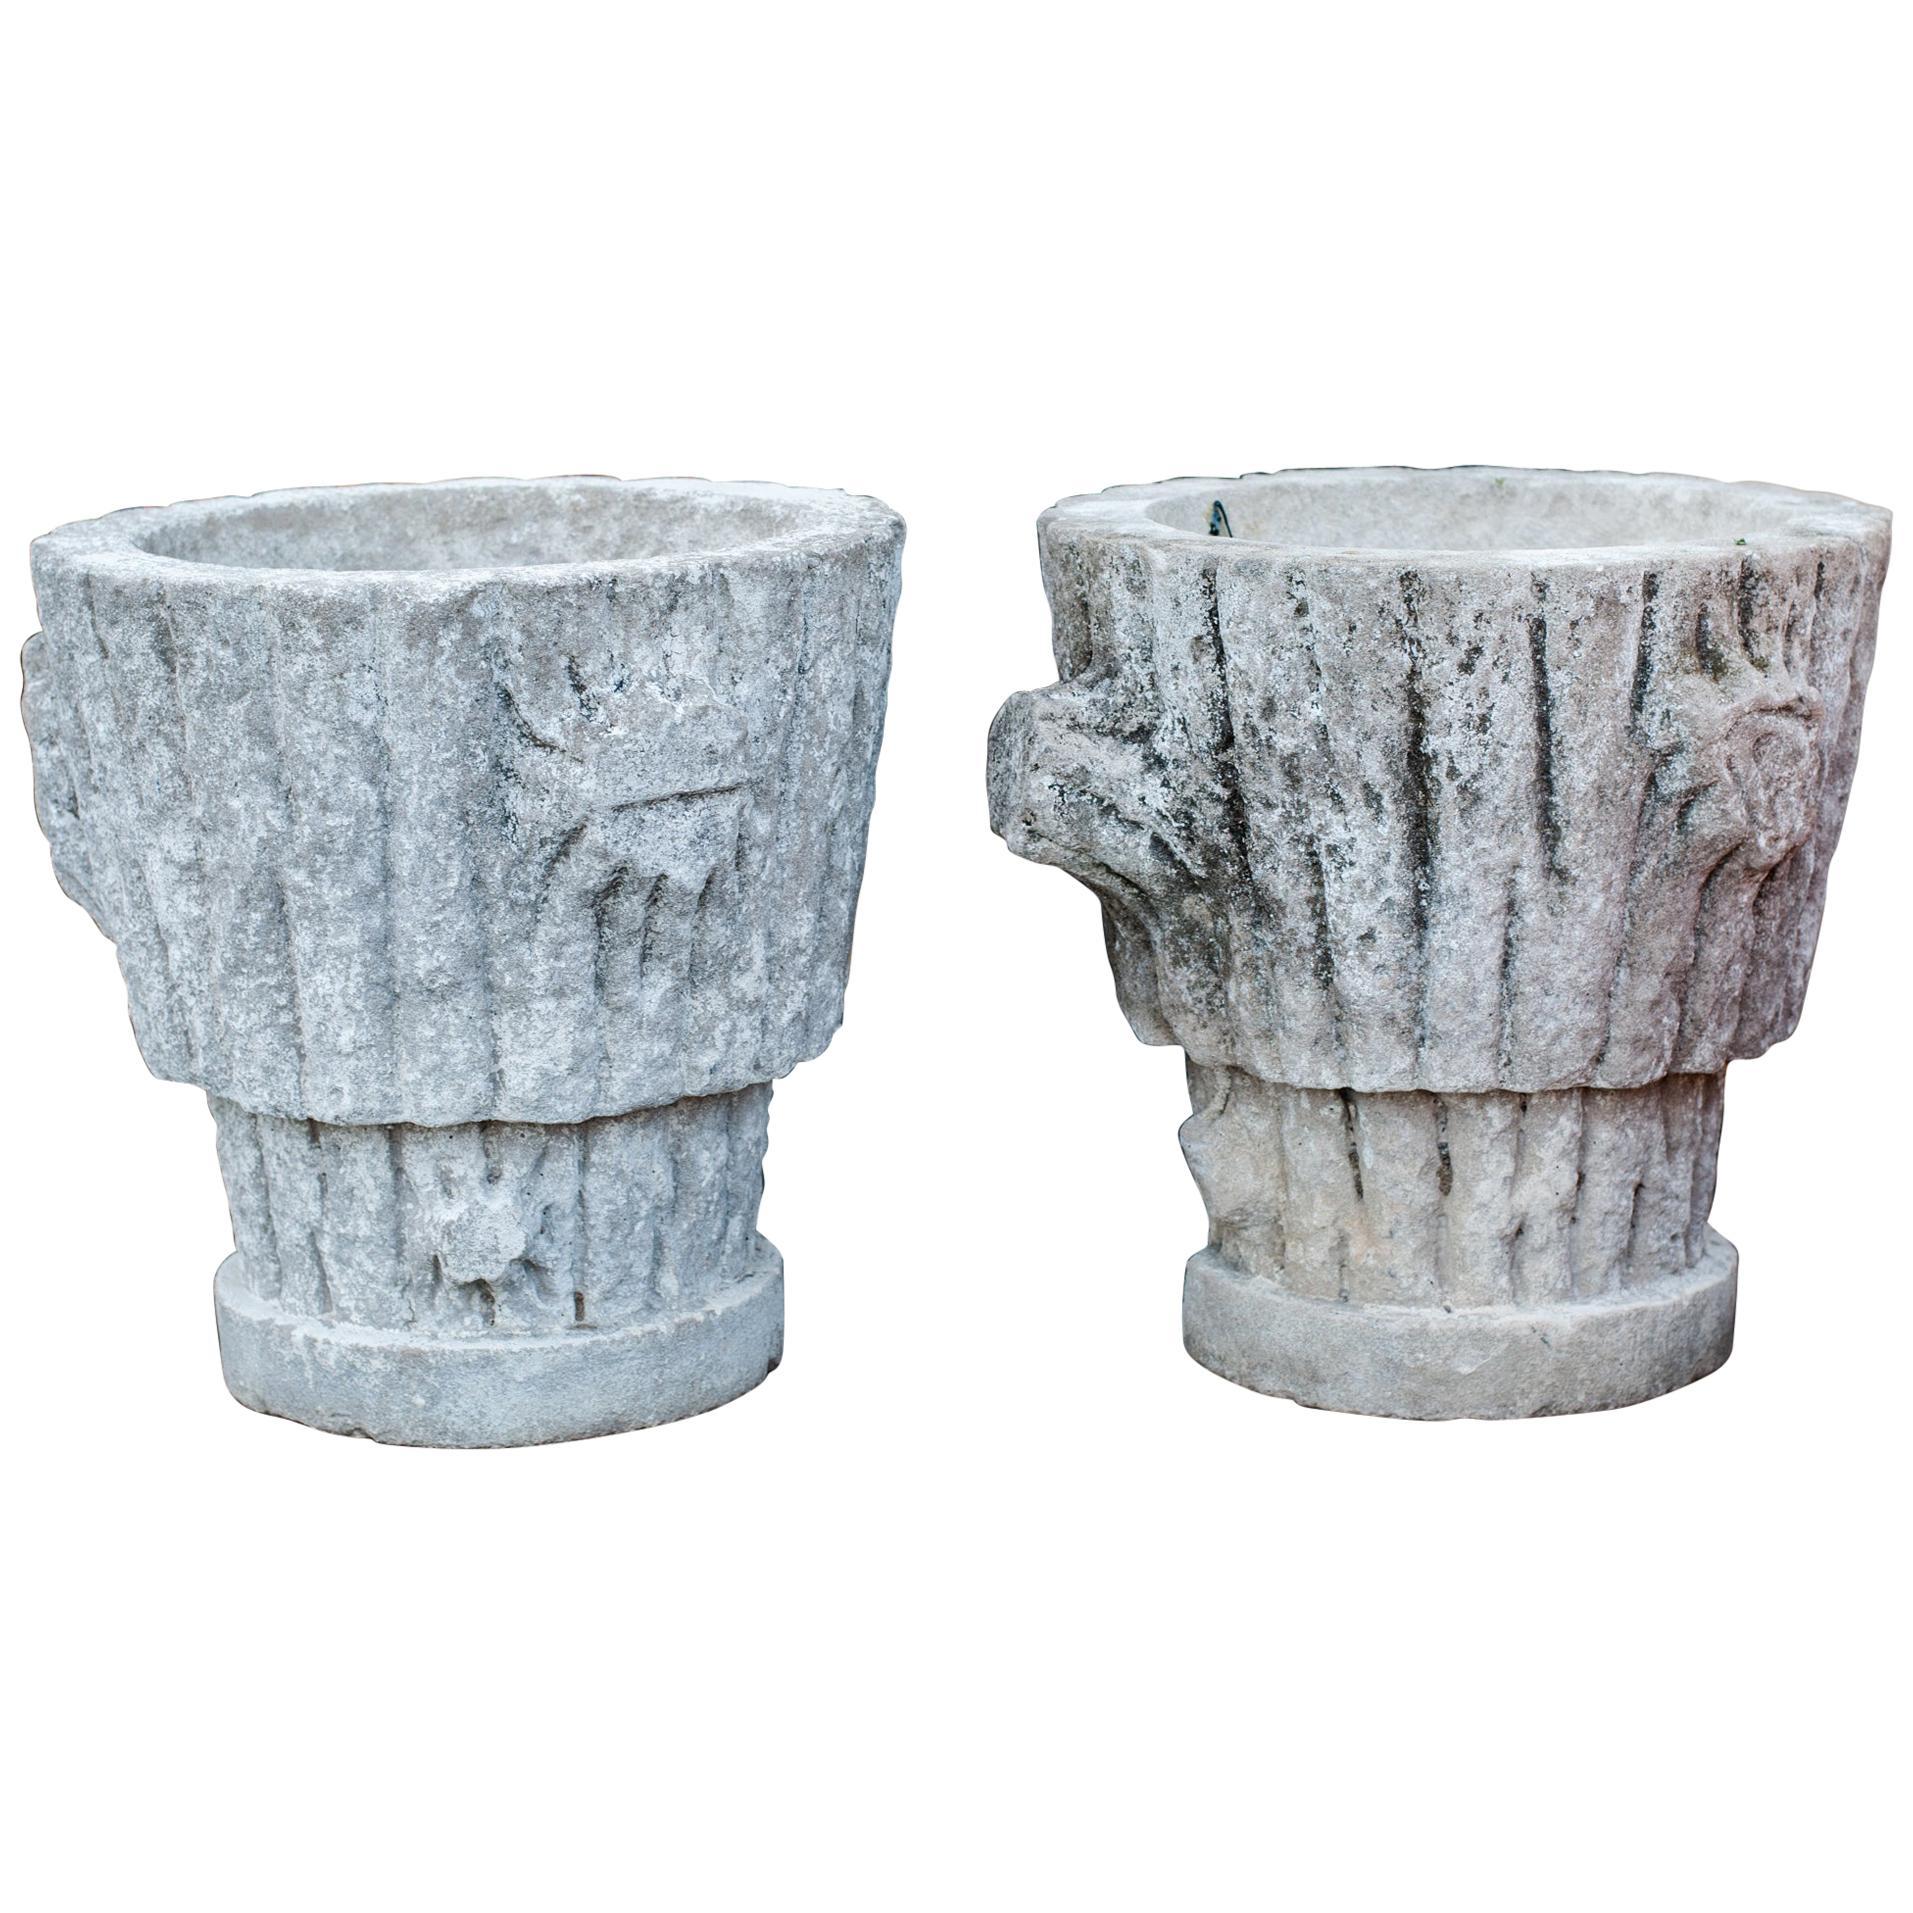 Pair of Vintage Limestone Faux Bois Planters